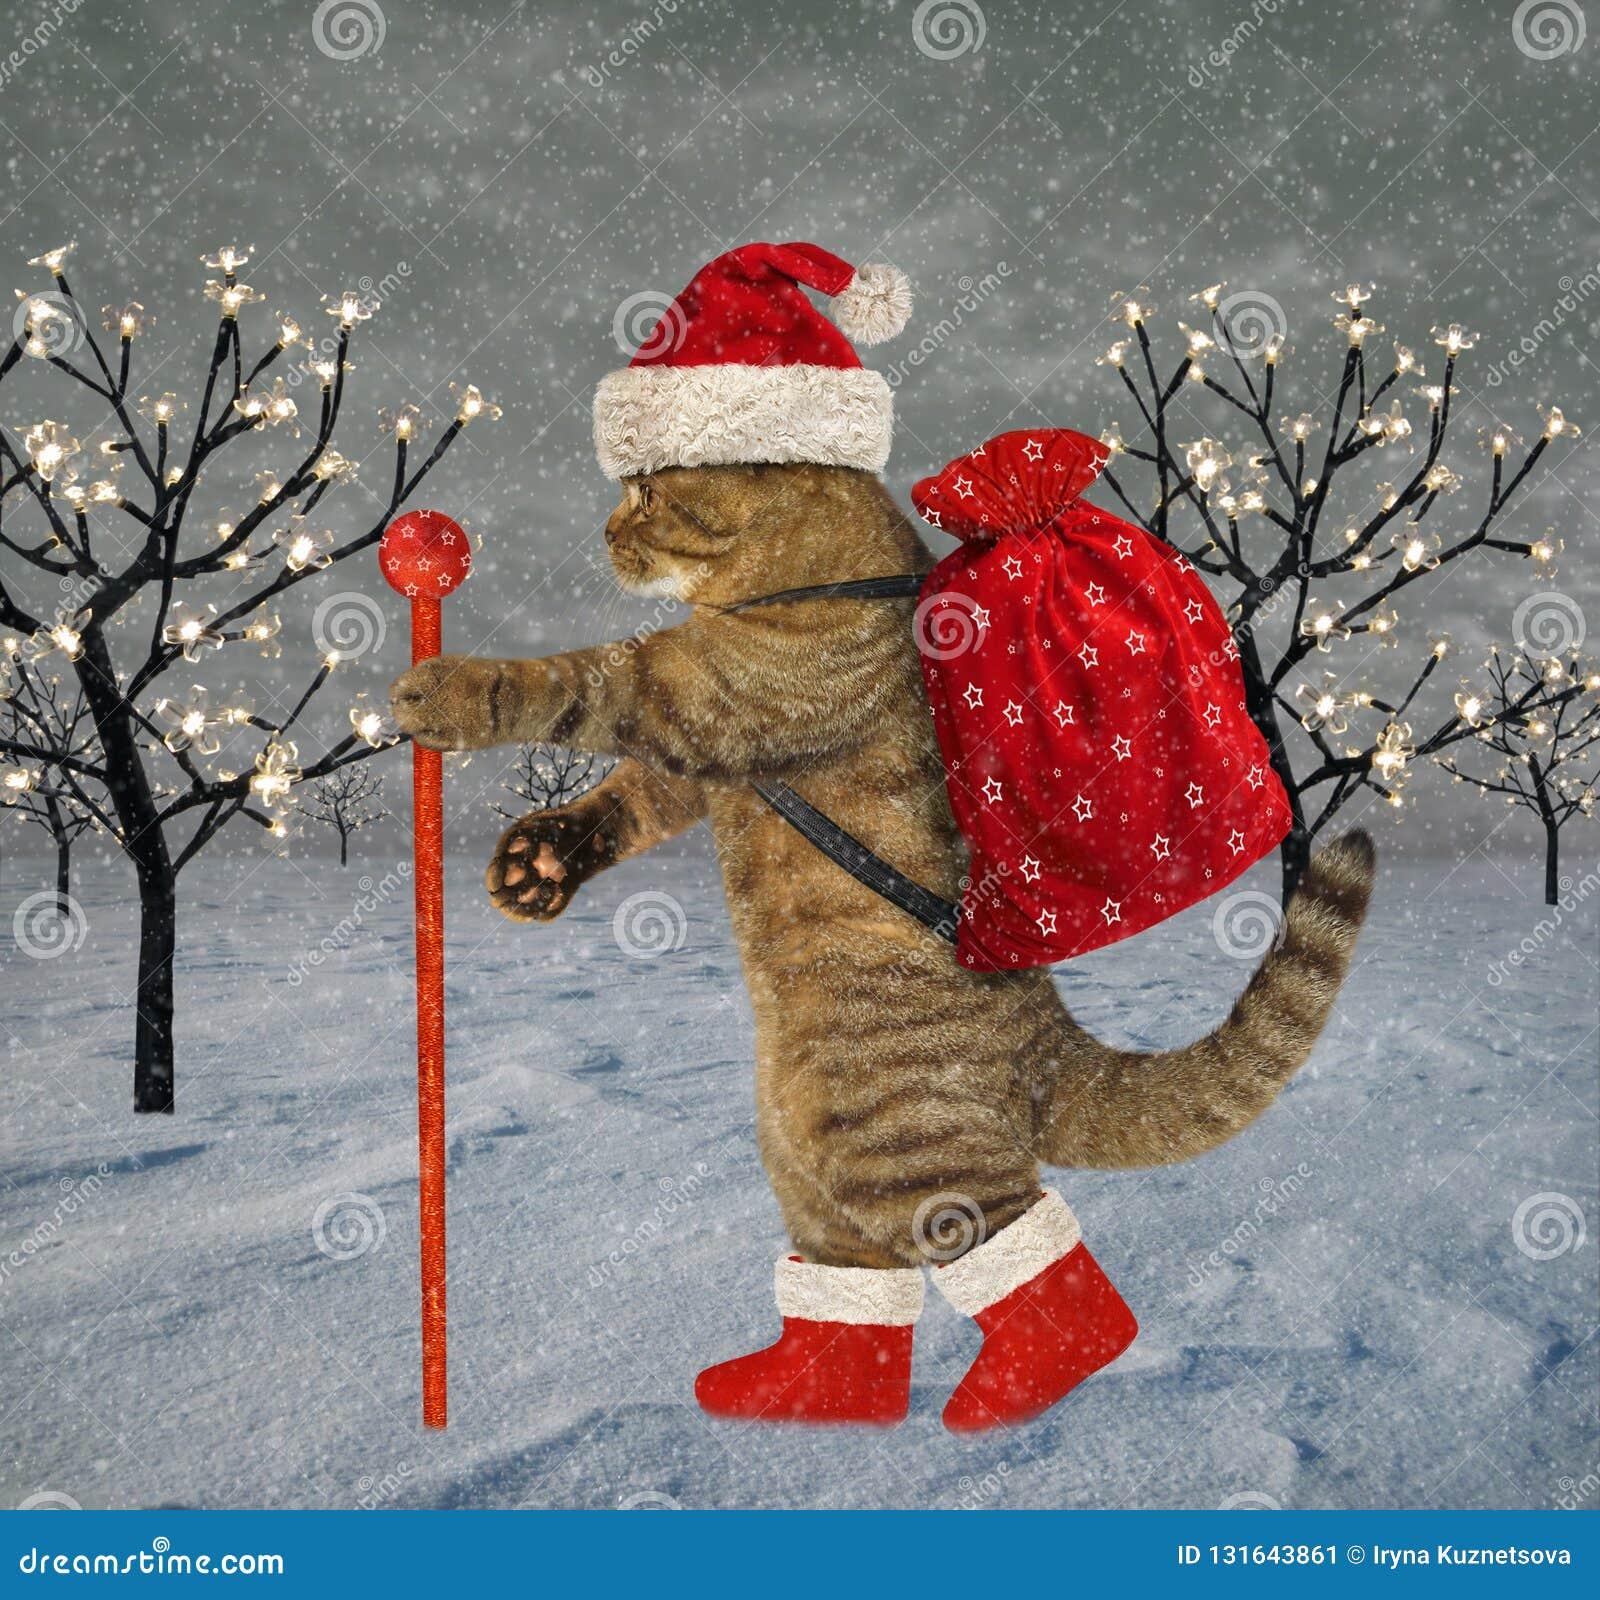 Katze trägt Weihnachtsgeschenke